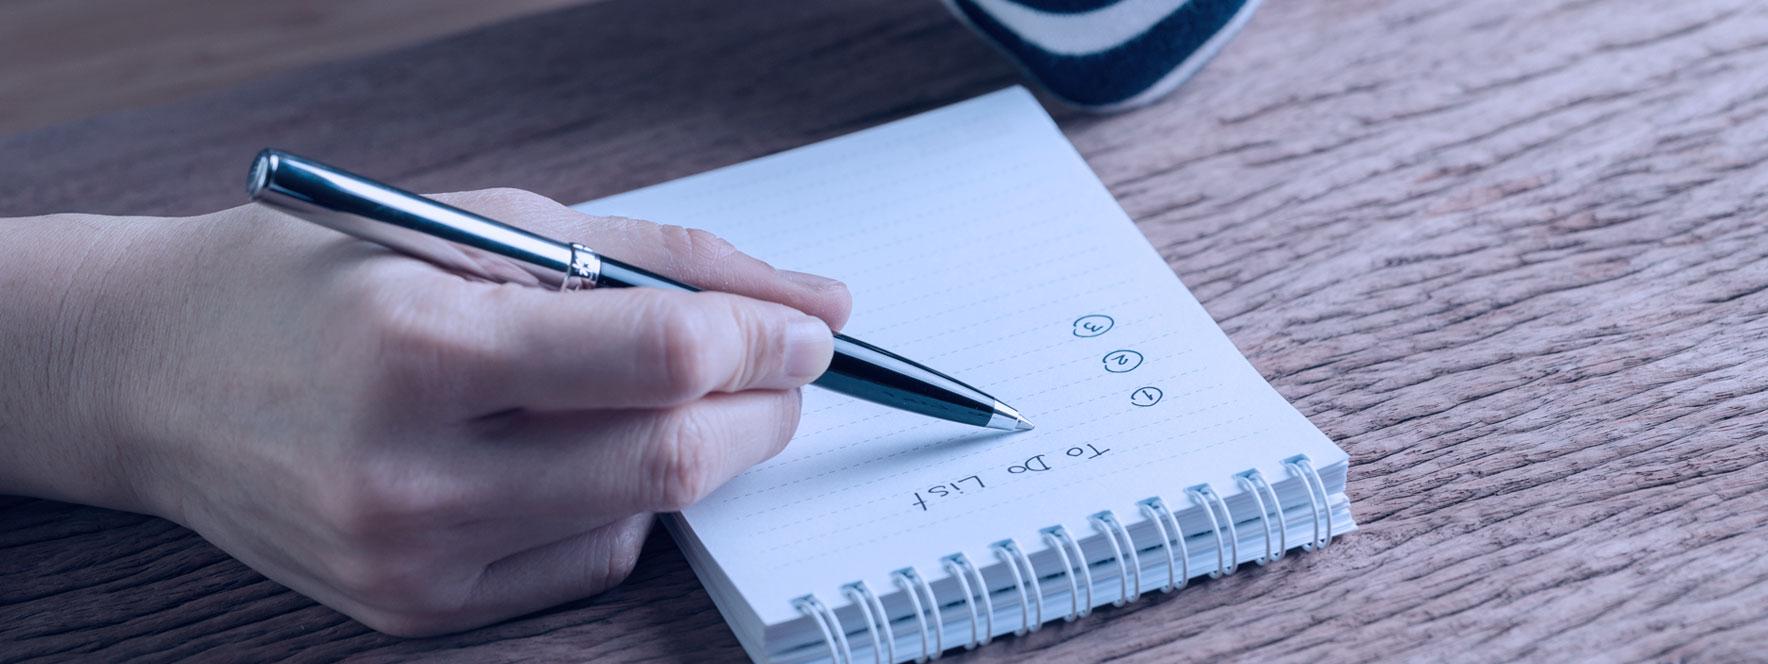 Faites des listes de tâches quotidiennes blogue du Réseau